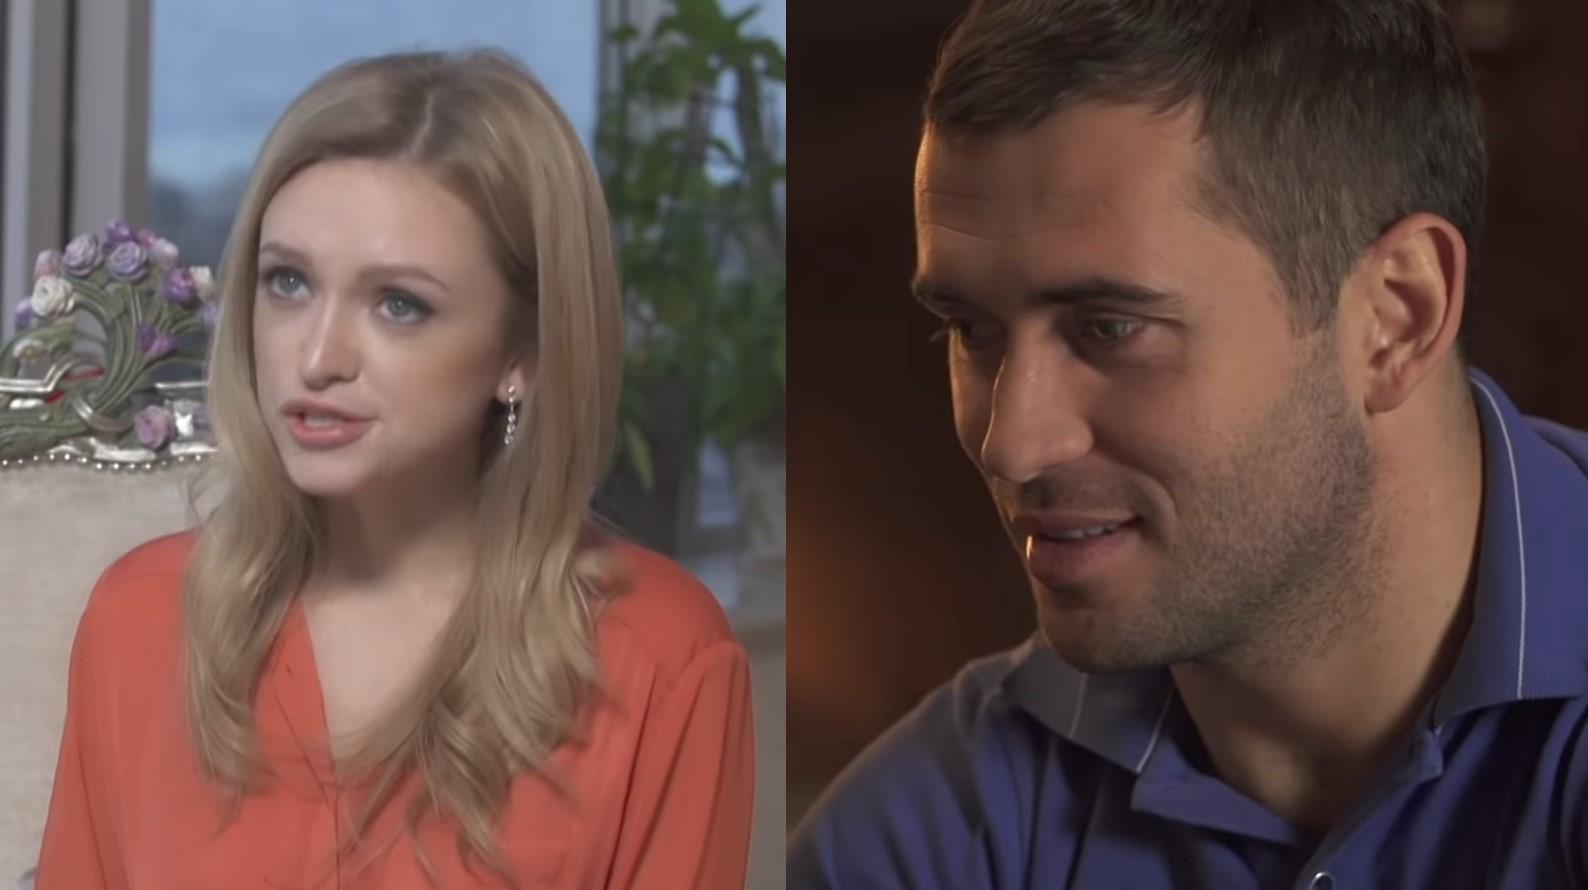 Футболист Кержаков просит психиатров проверить его жену